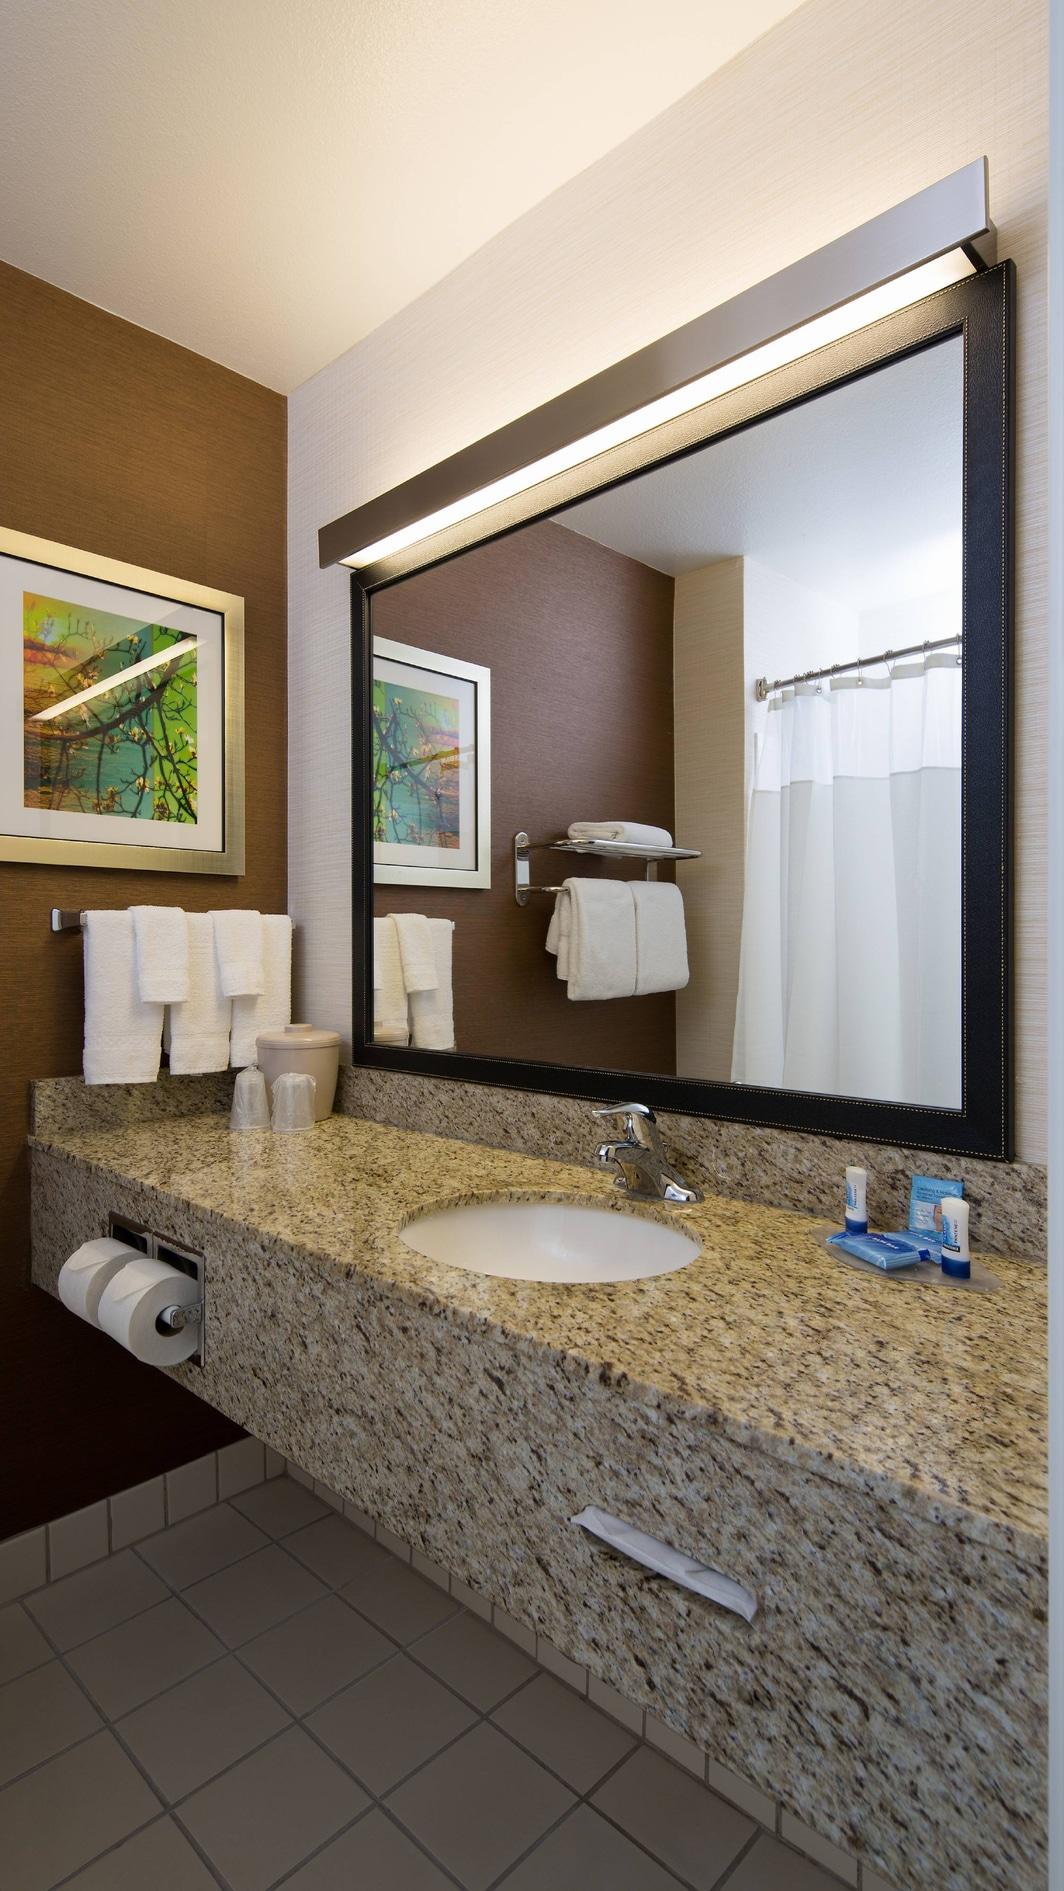 Baño del hotel en Rancho Cordova